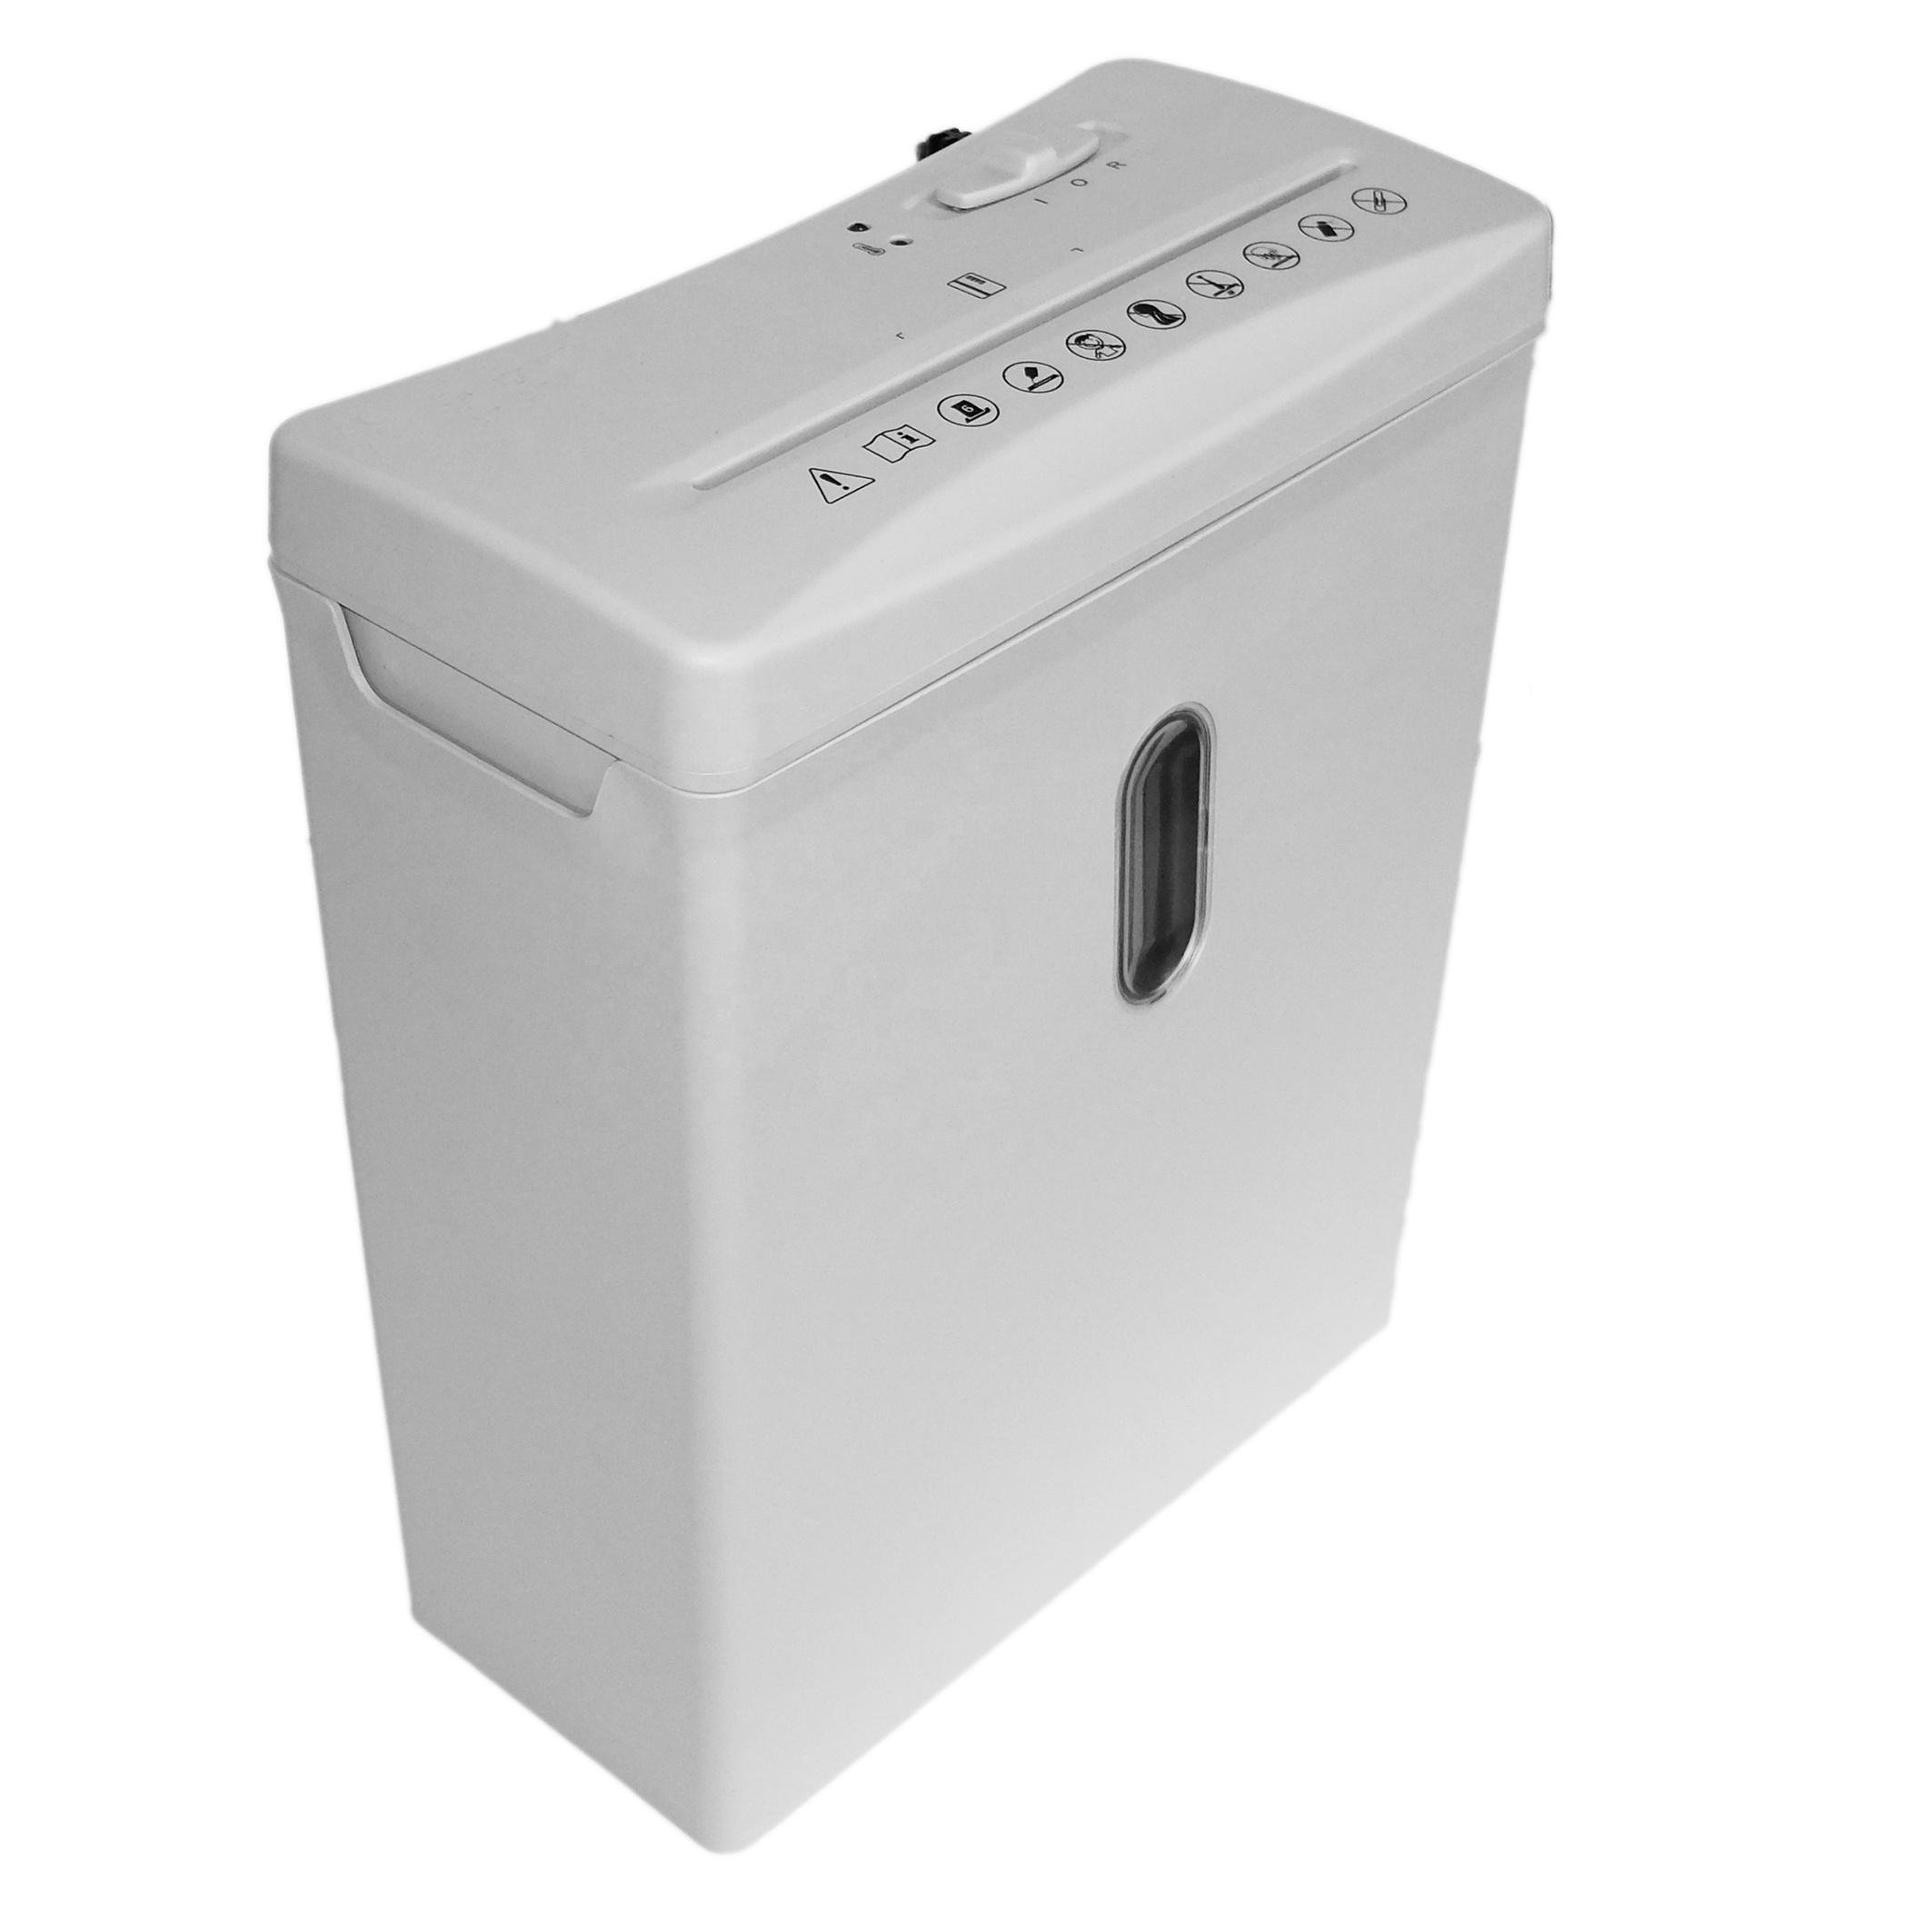 AT-6CU низкоуровневый измельчитель, 6 листов, 4x33 мм, измельчитель бумаги для личного или офисного использования